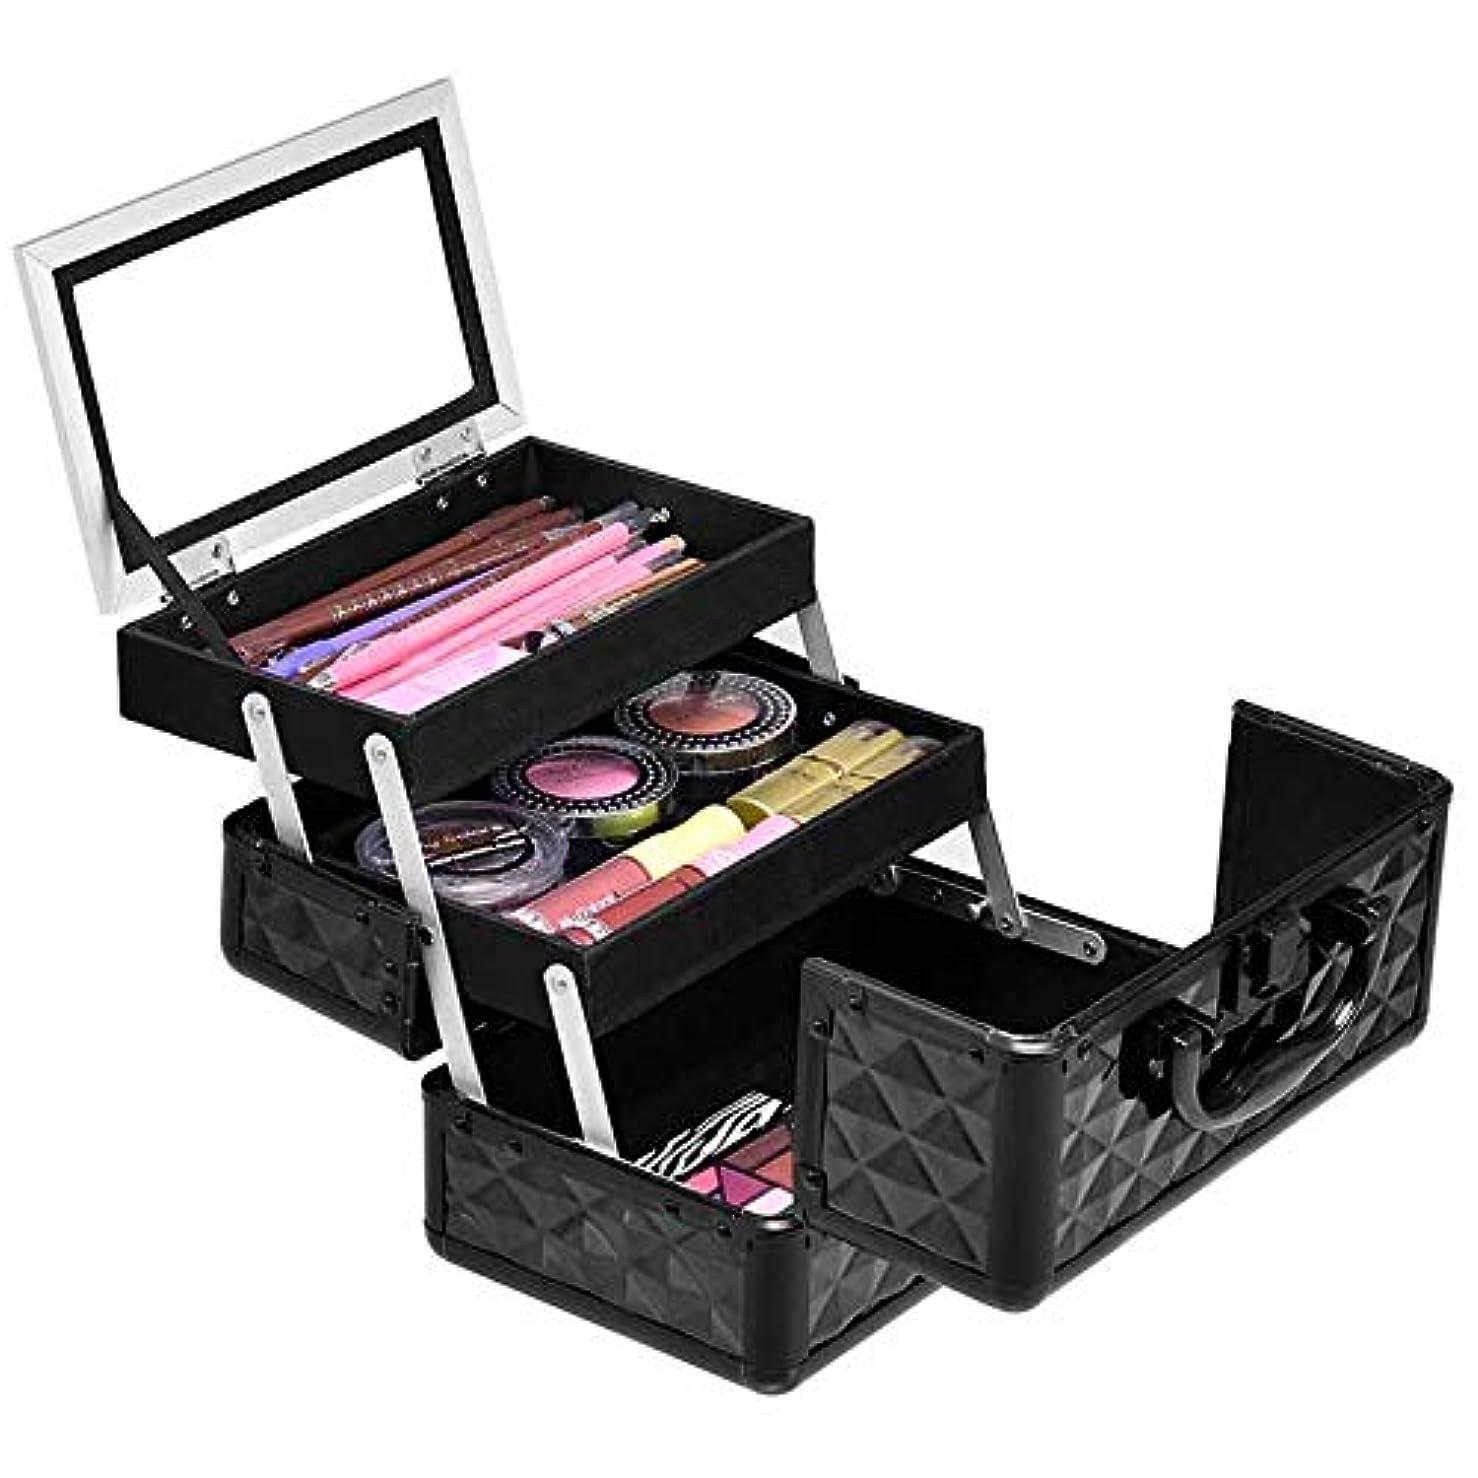 シンク接続グレートオークCostway コスメボックス メイクボックス 鏡付き 大容量 持ち運び 化粧品収納ボックス プロ用 化粧箱 コスメ収納ボックス ブラック